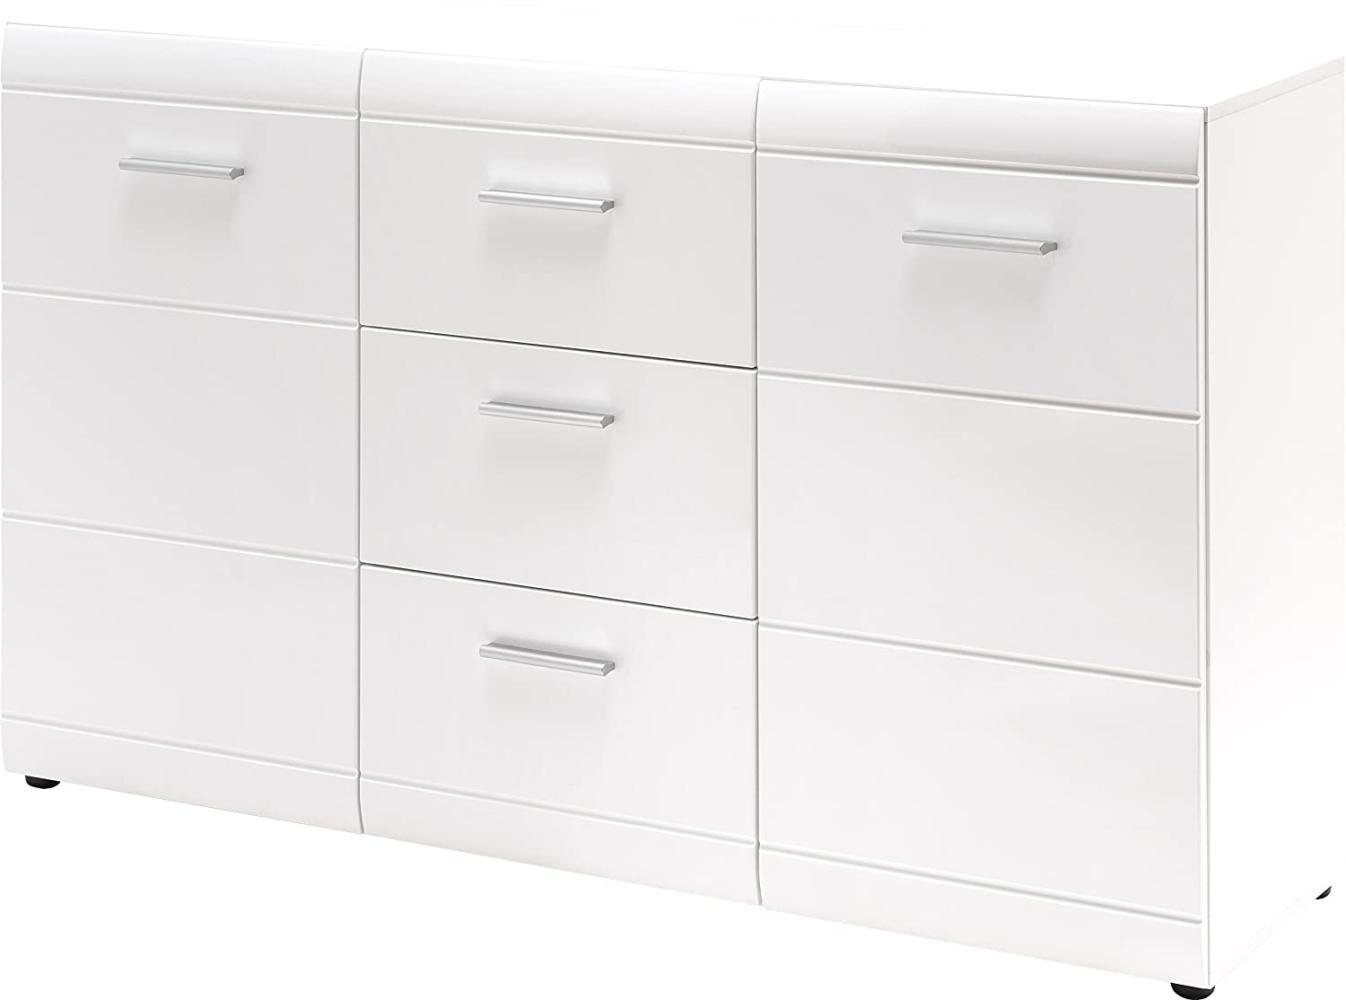 Sideboard 'GW-ADANA', mit 2 Türen und 2 Schubläden, Weiß Hochglanz, ca. 144x86x39cm Bild 1